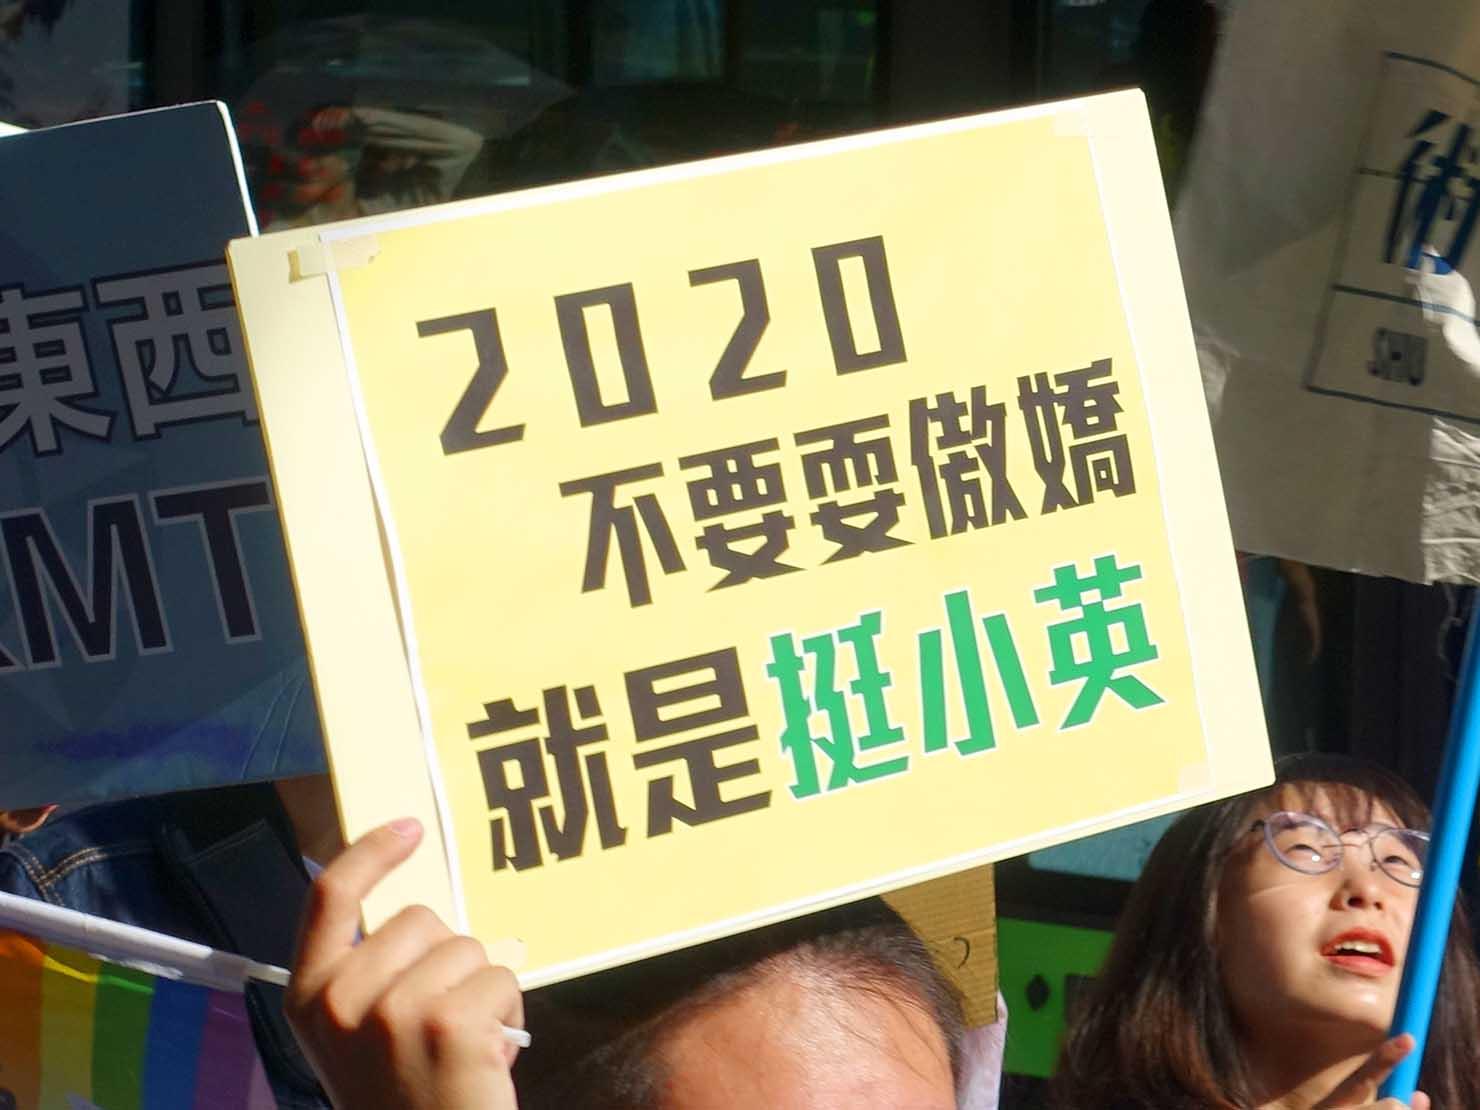 台中同志遊行(台中LGBTプライド)2019のパレードで蔡英文総統の支持を訴えるプラカード